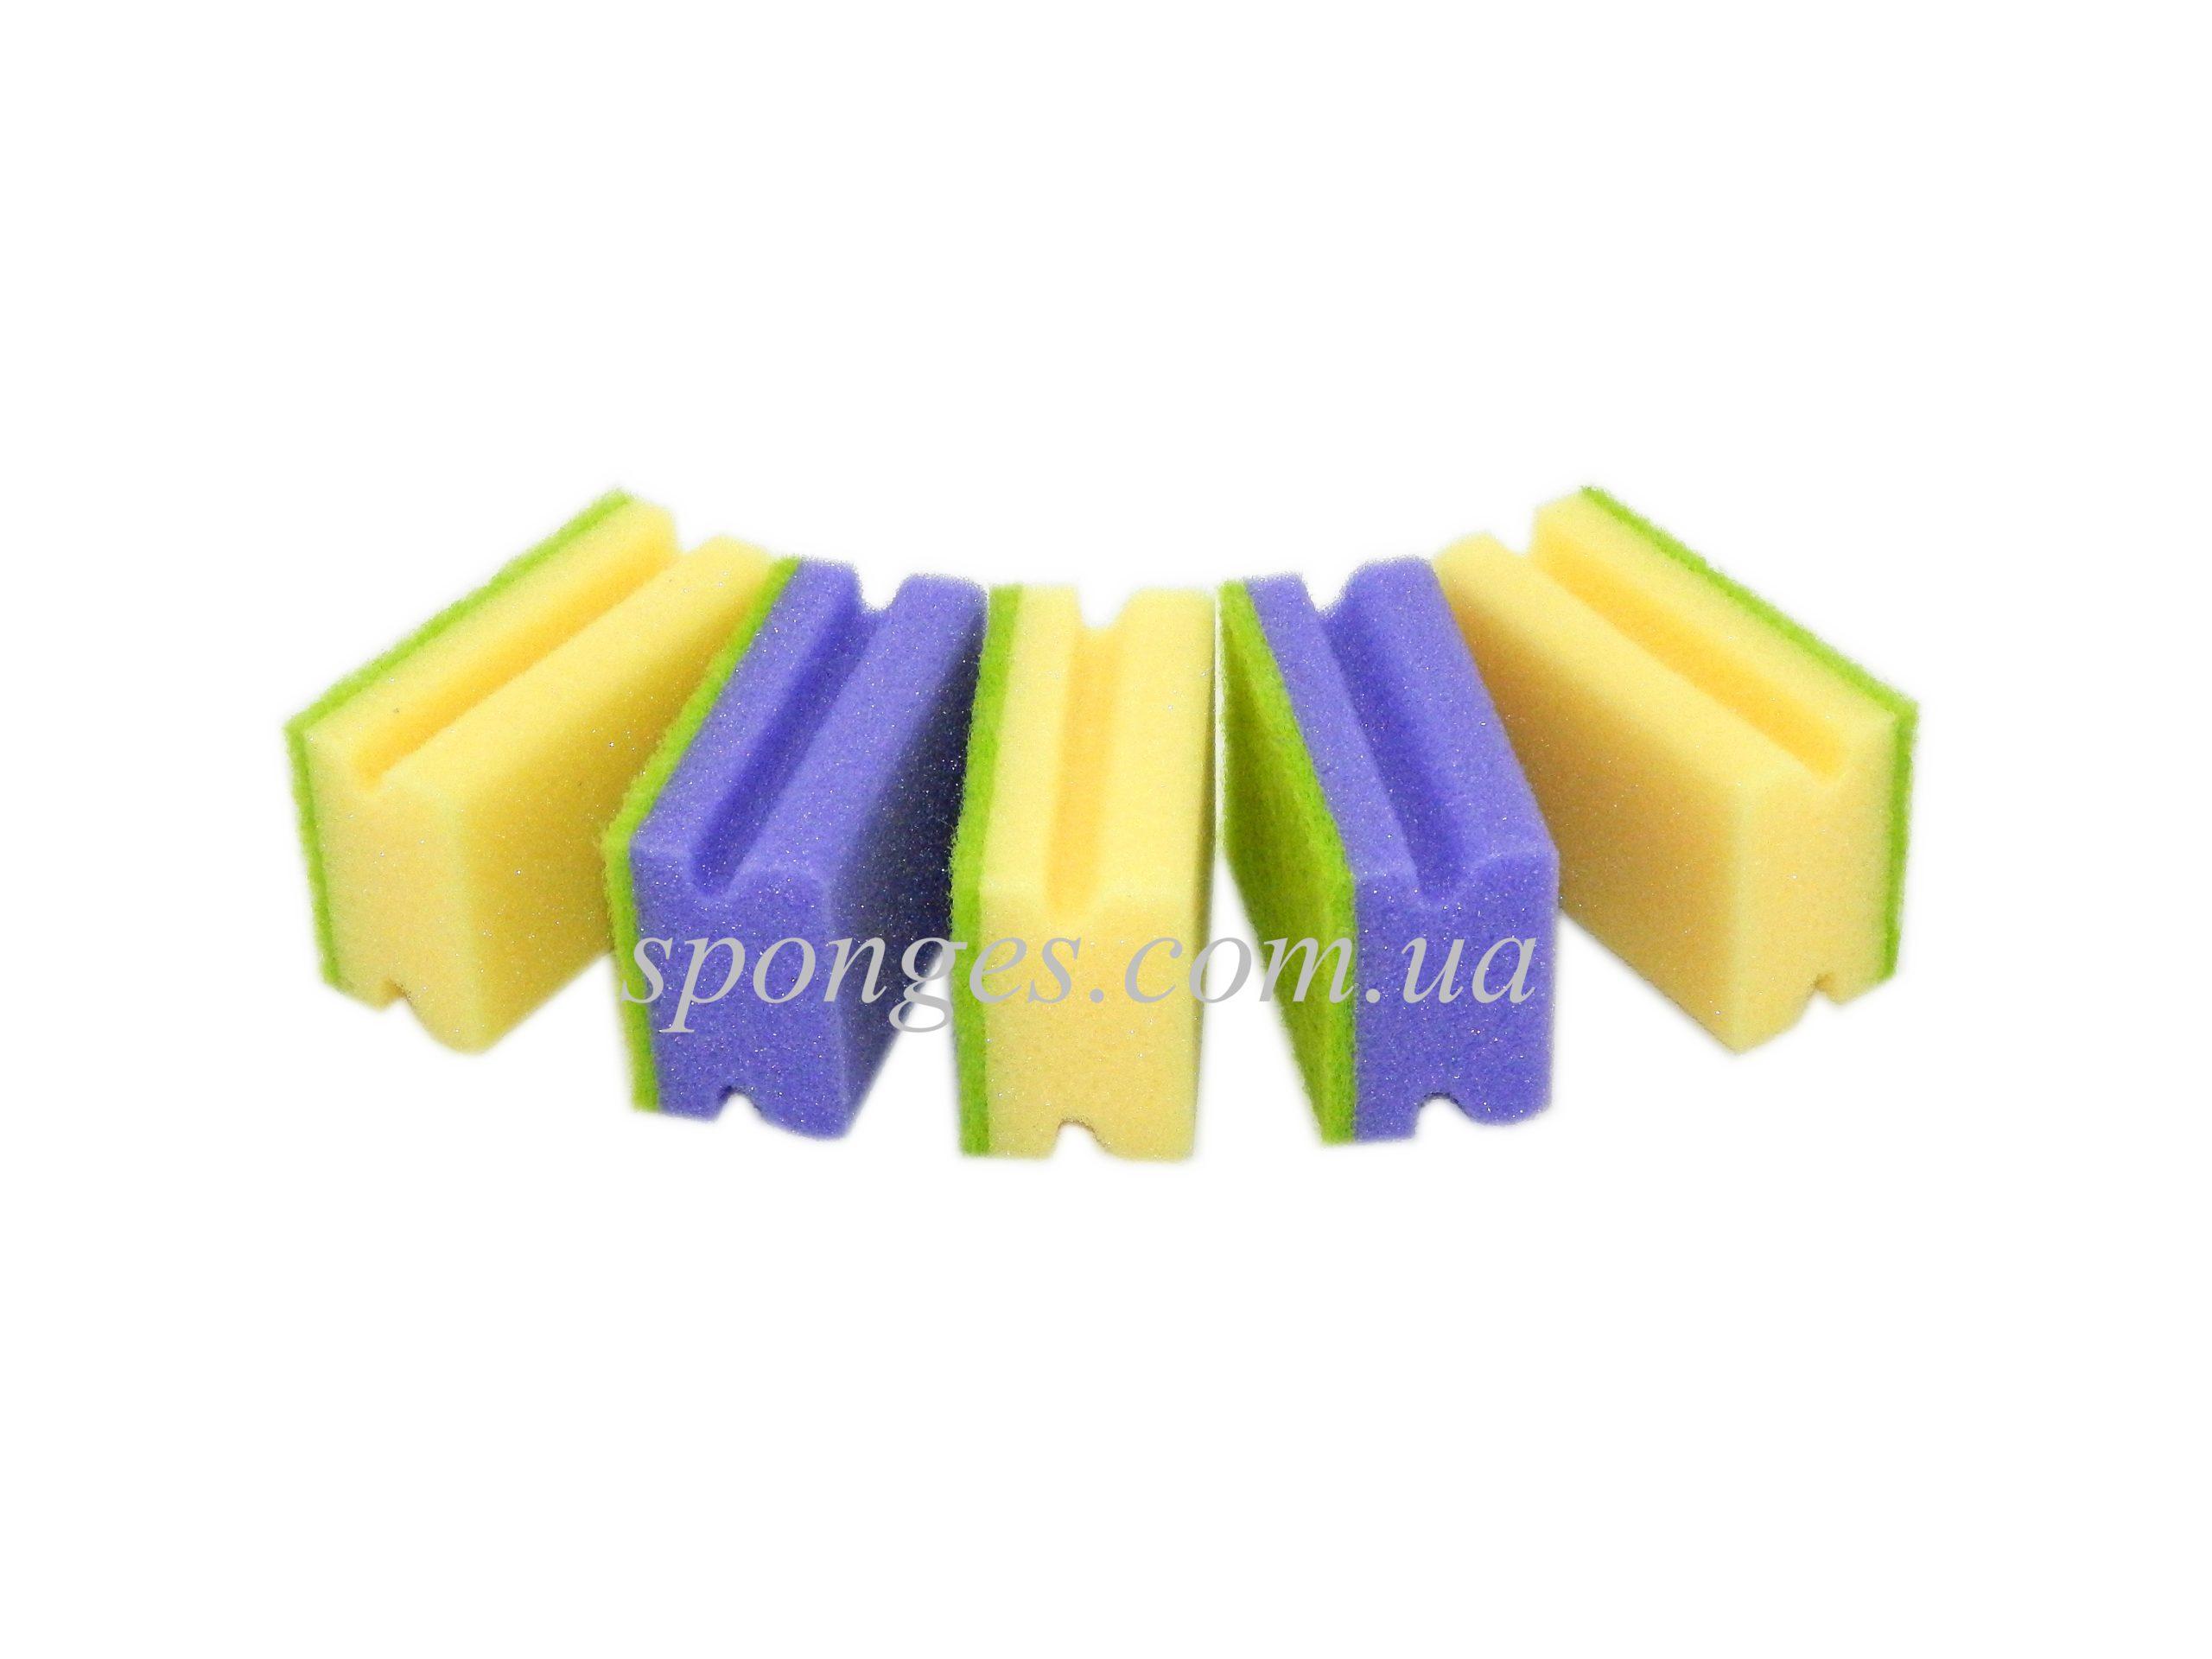 Губки для мытья посуды *Аккорд*- 5 шт .